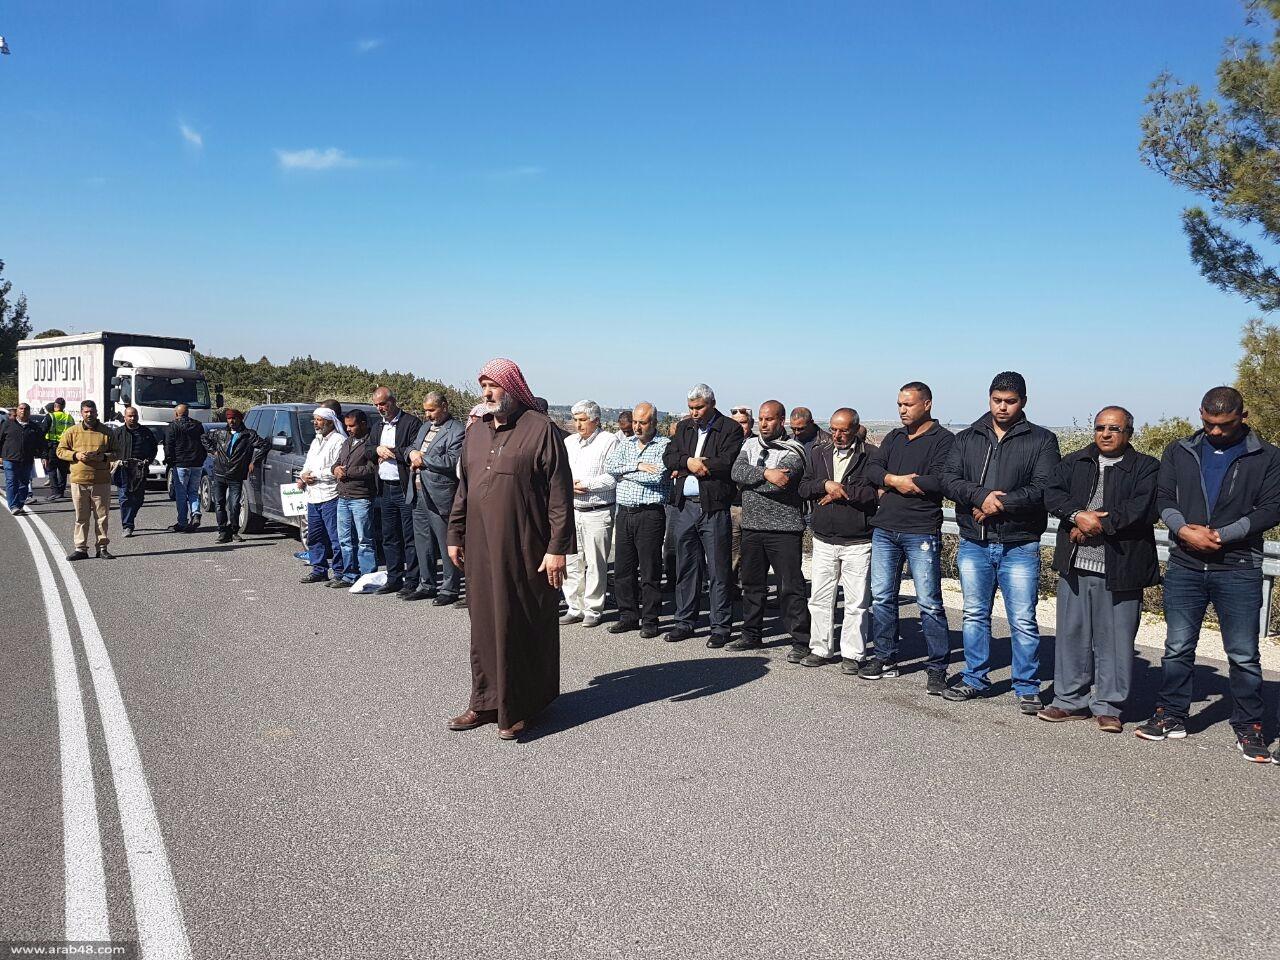 متظاهرون أمام الكنيست: الشعب يريد جثمان الشهيد